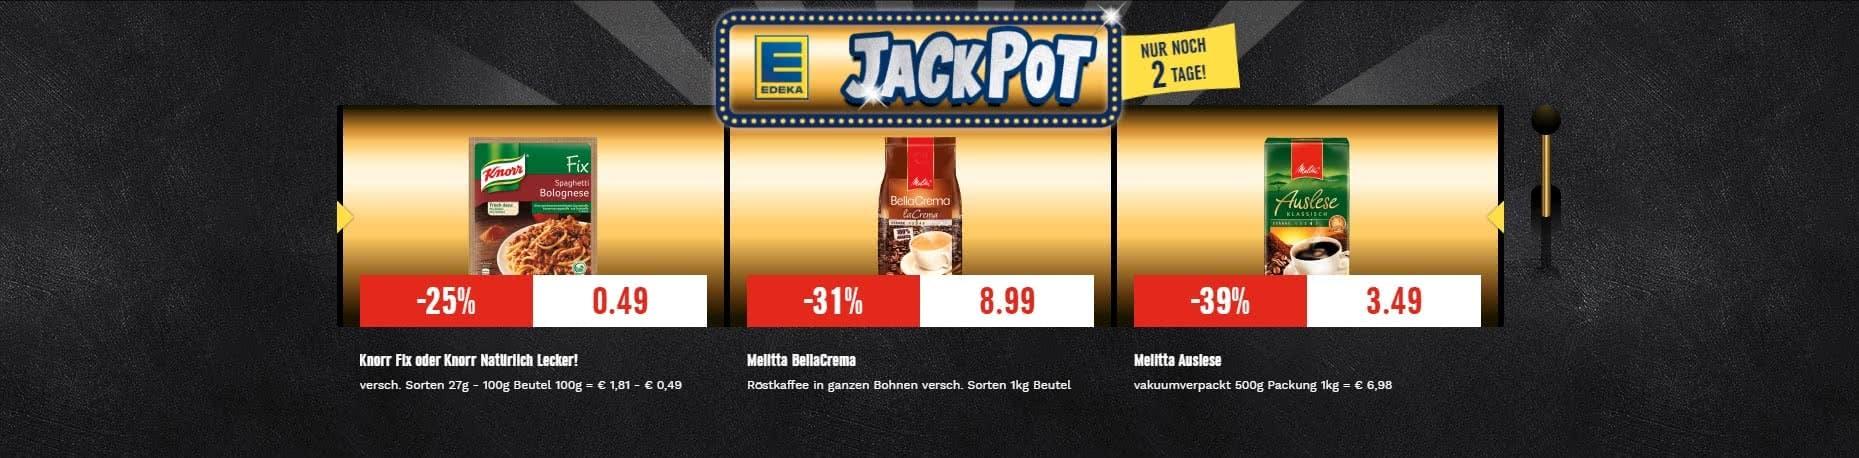 Jackpot Angebote für eine beispielhafte Woche